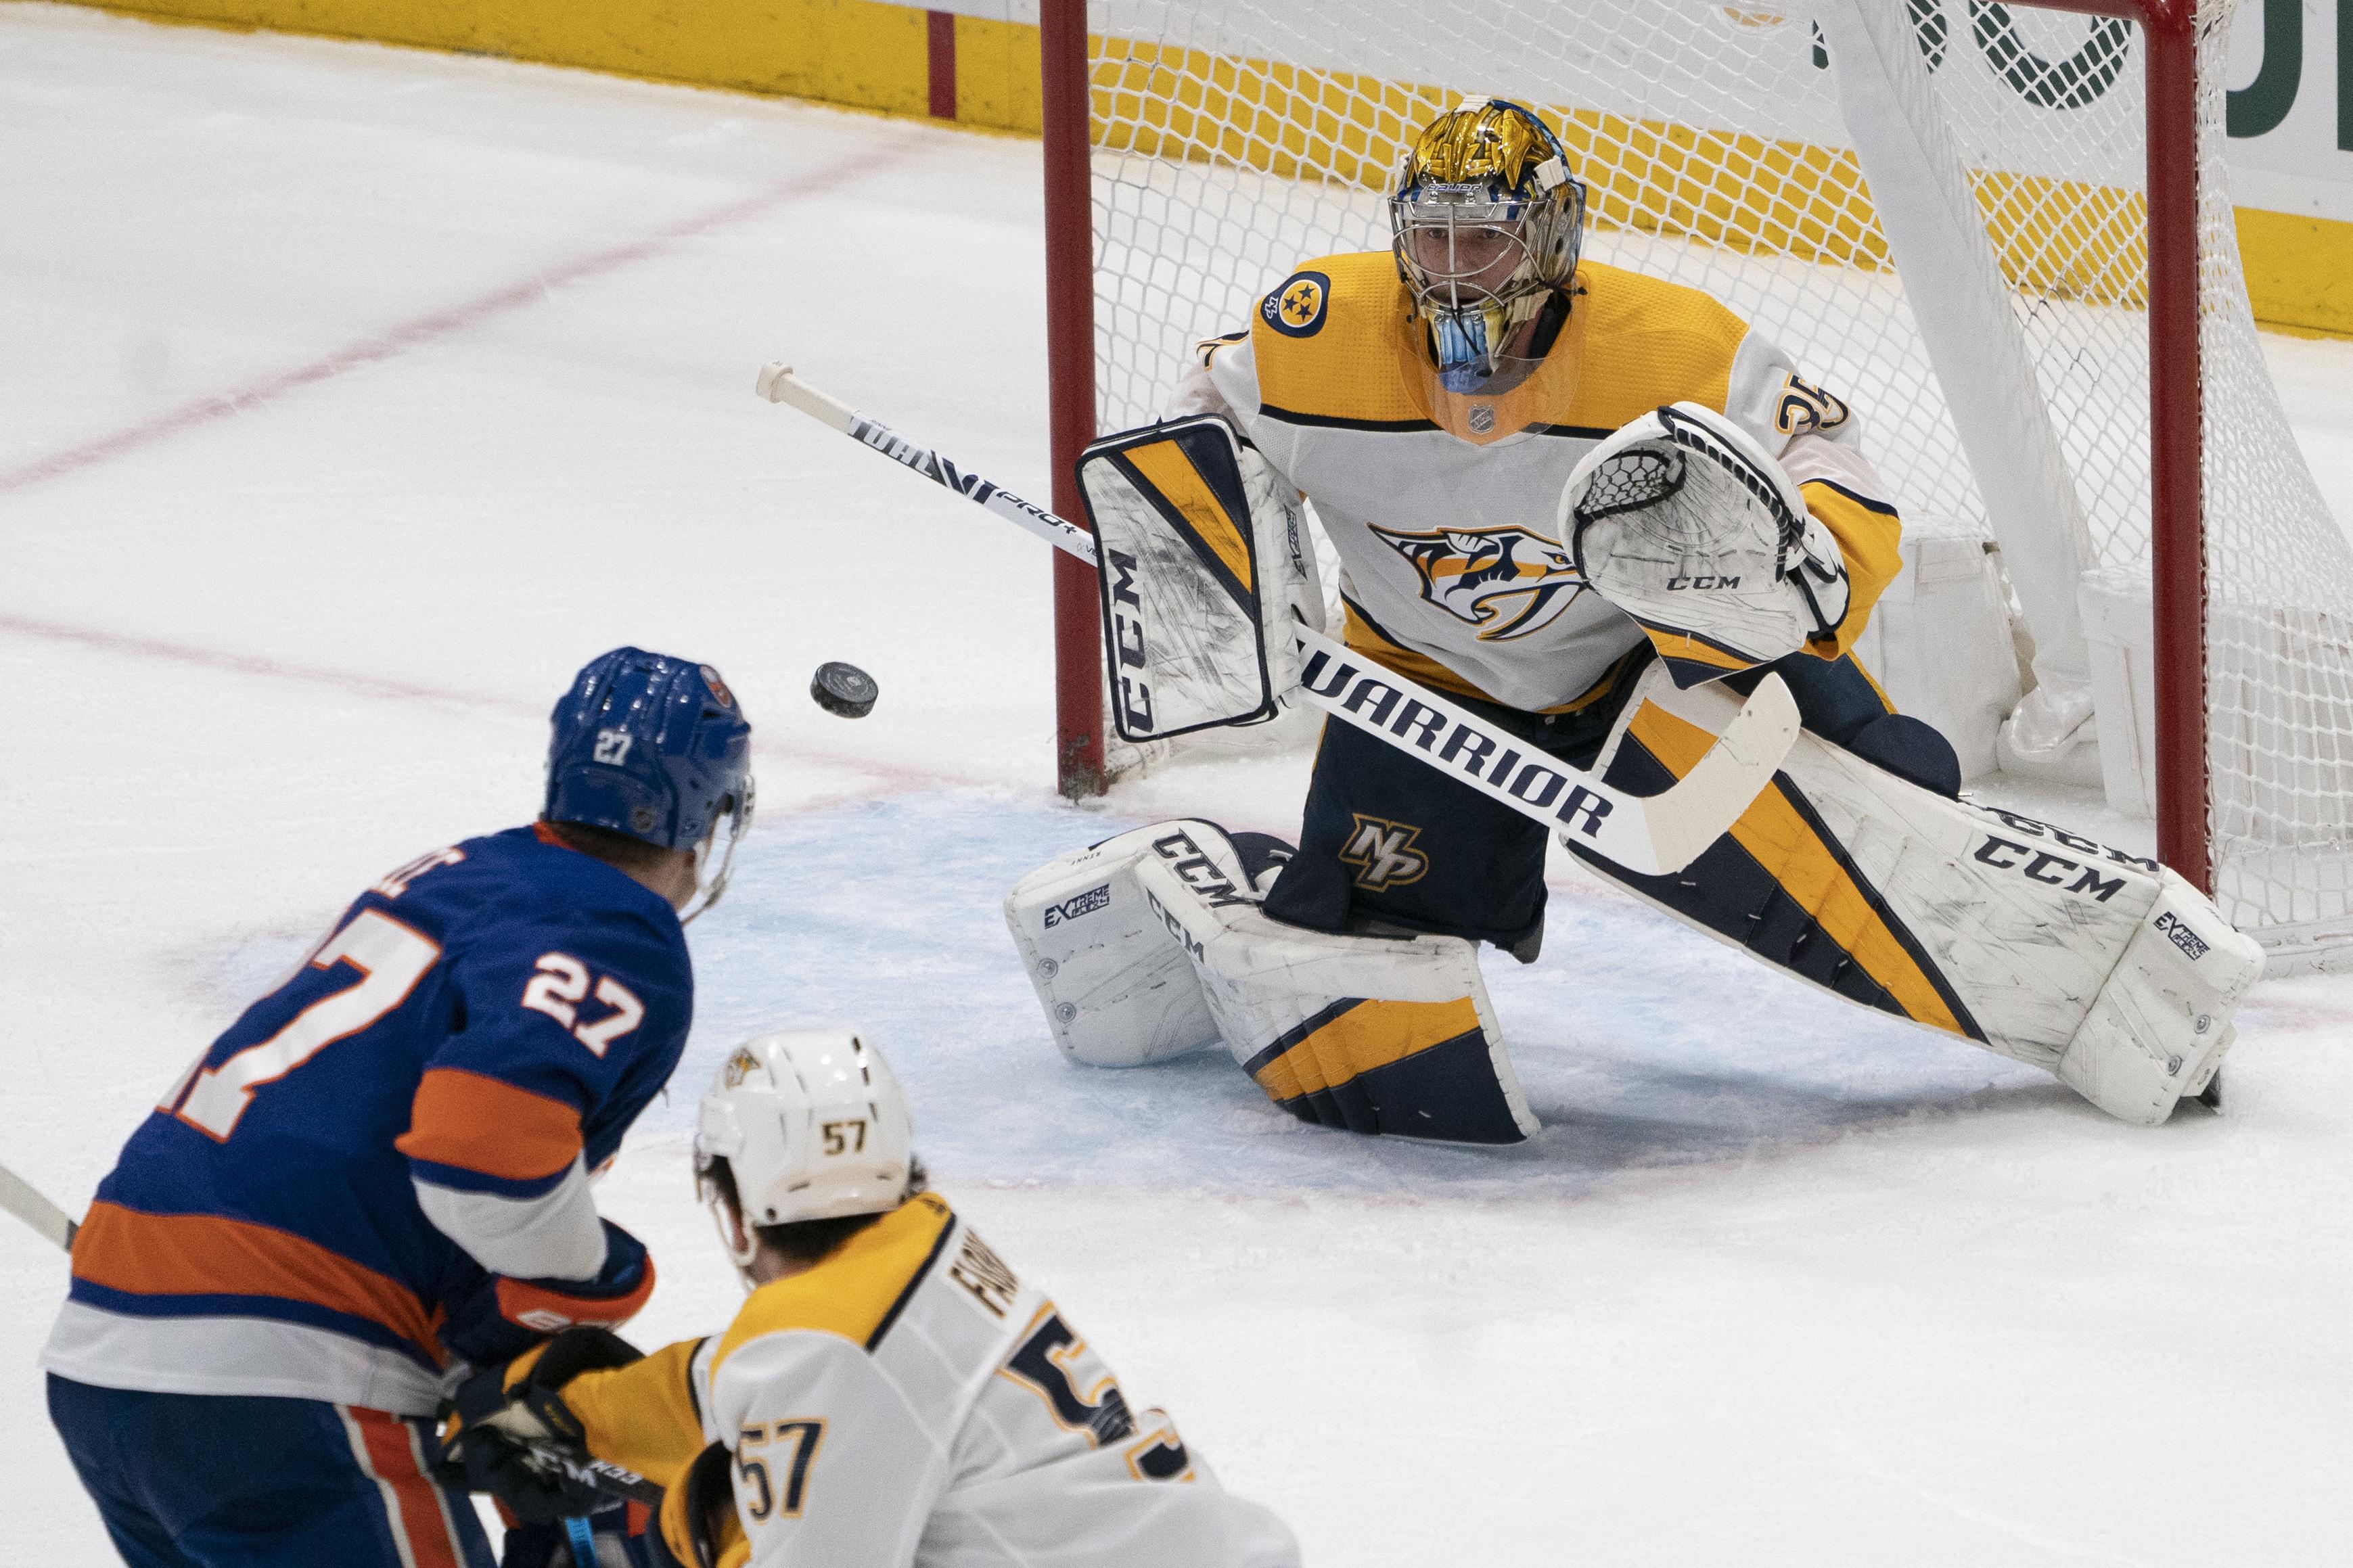 NHL: DEC 17 Predators at Islanders